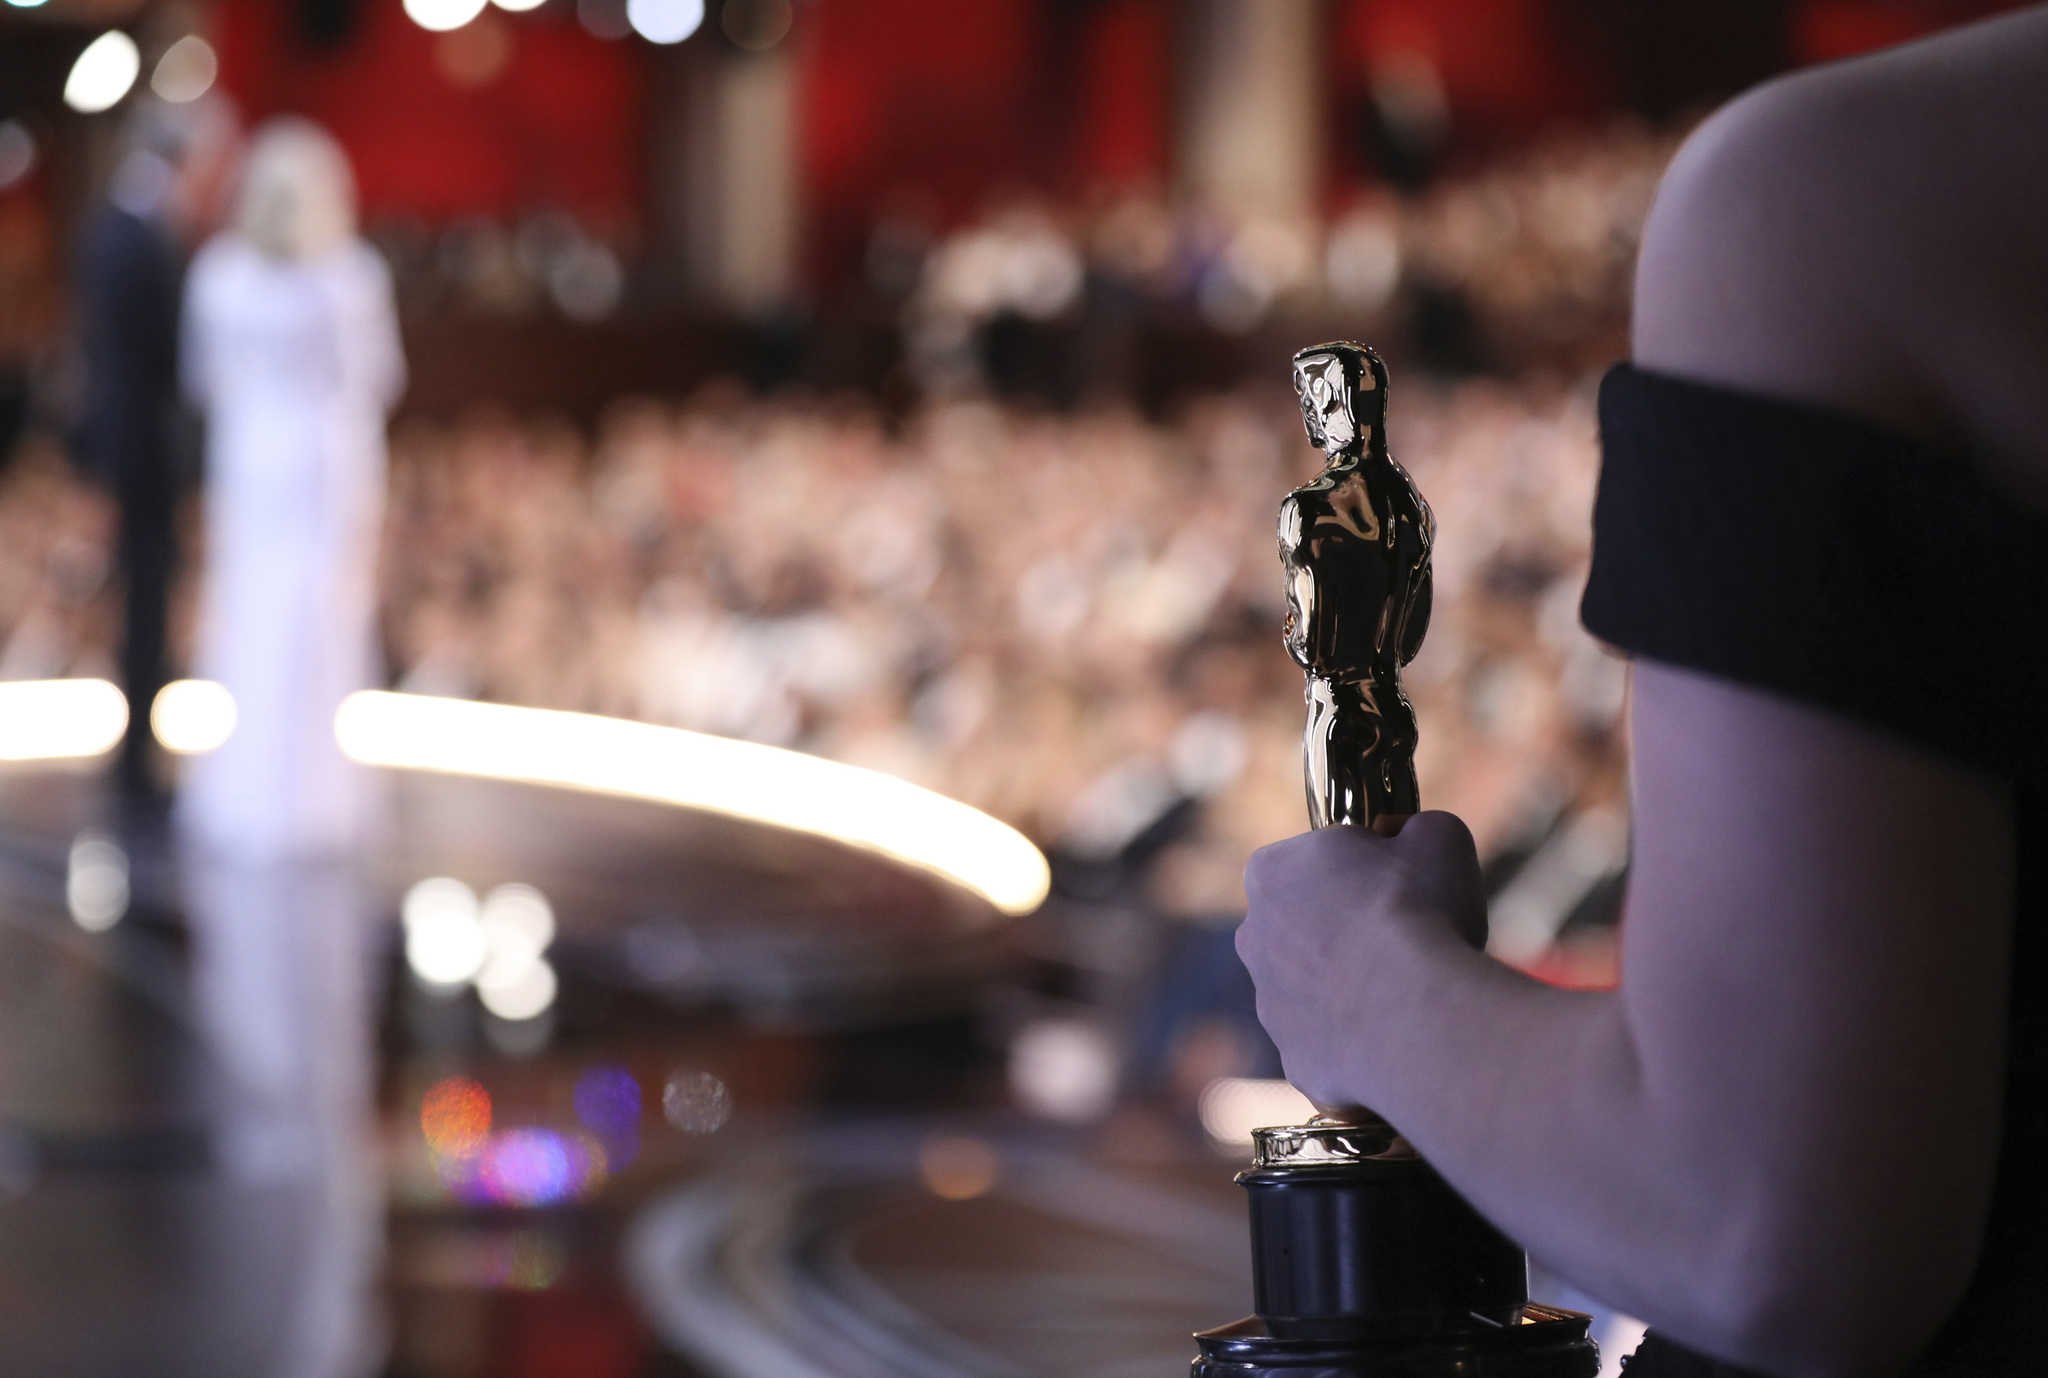 El Oscar dedicado a la Mejor Película, Warren Beatty y Faye Dunaway...